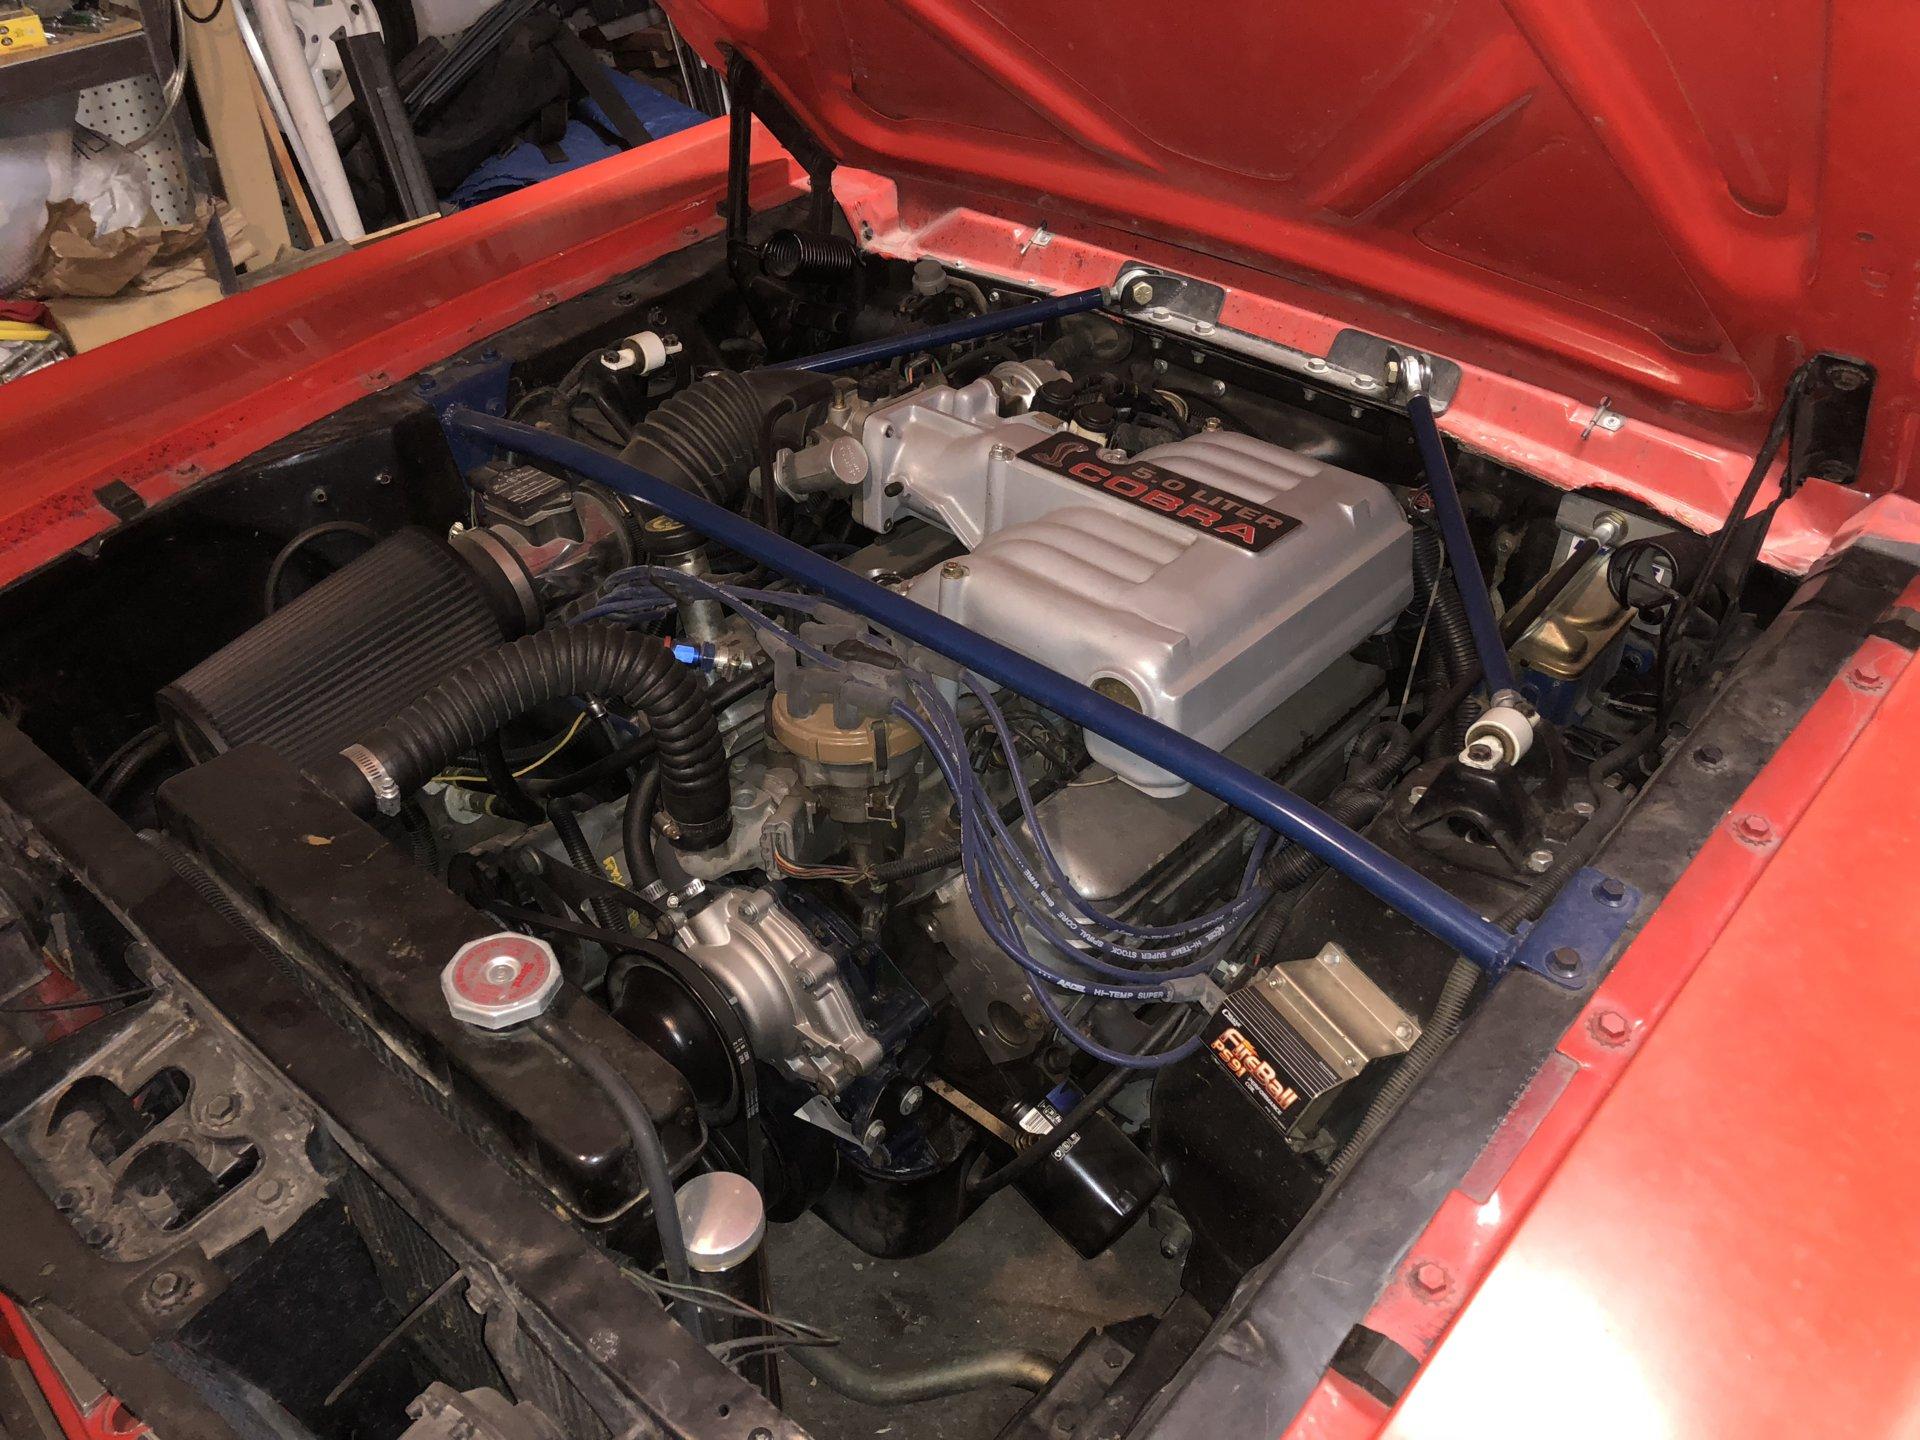 DAEC6B6A-FD55-48C4-B26B-A77B5637108D.jpeg